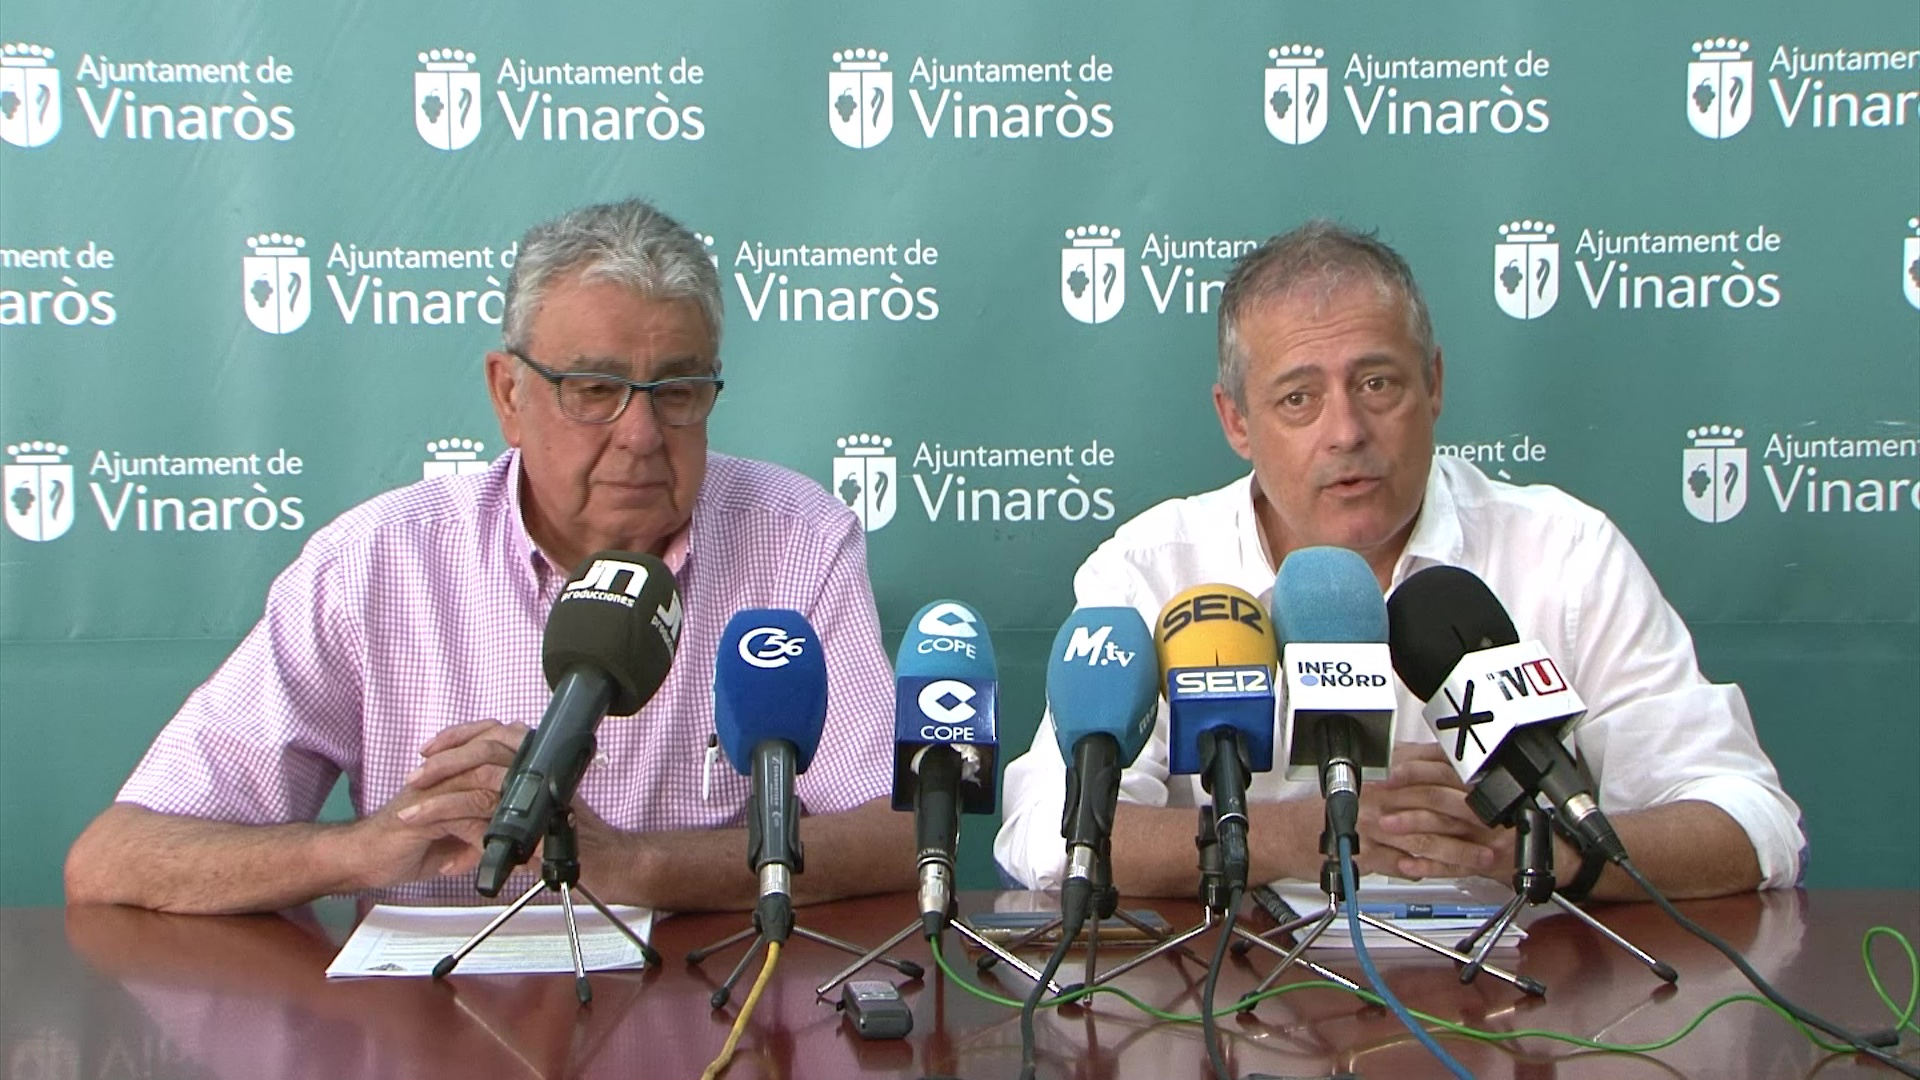 El Vinaròs CF convoca un concurs per escollir el logotip del centenari del club